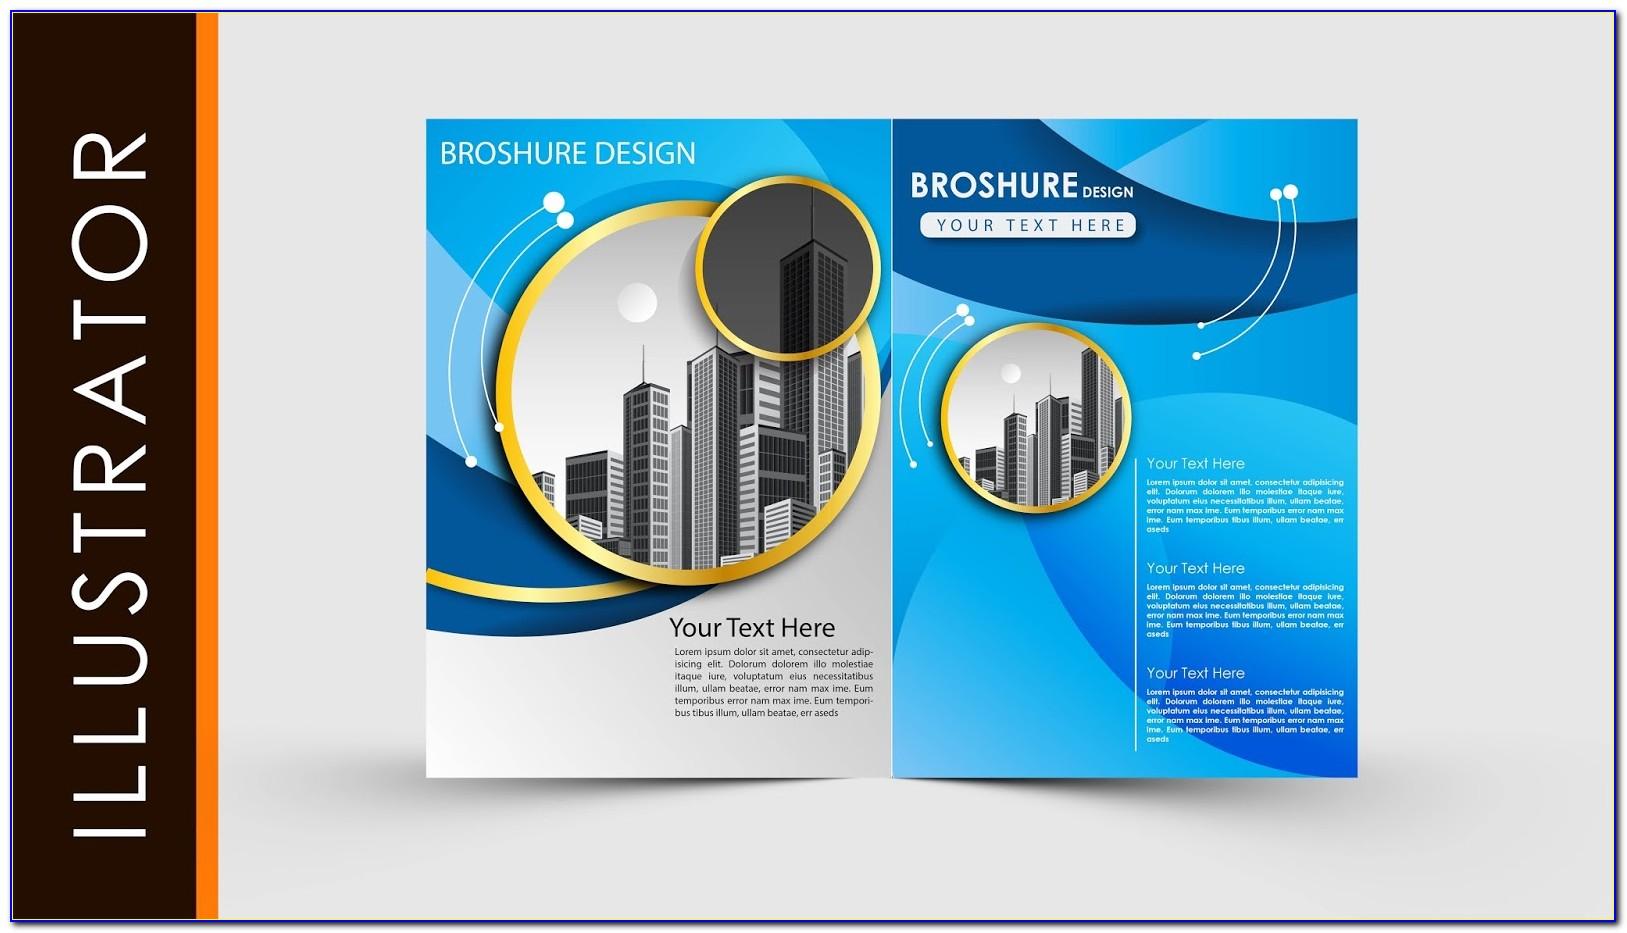 Adobe Illustrator Newsletter Template Free